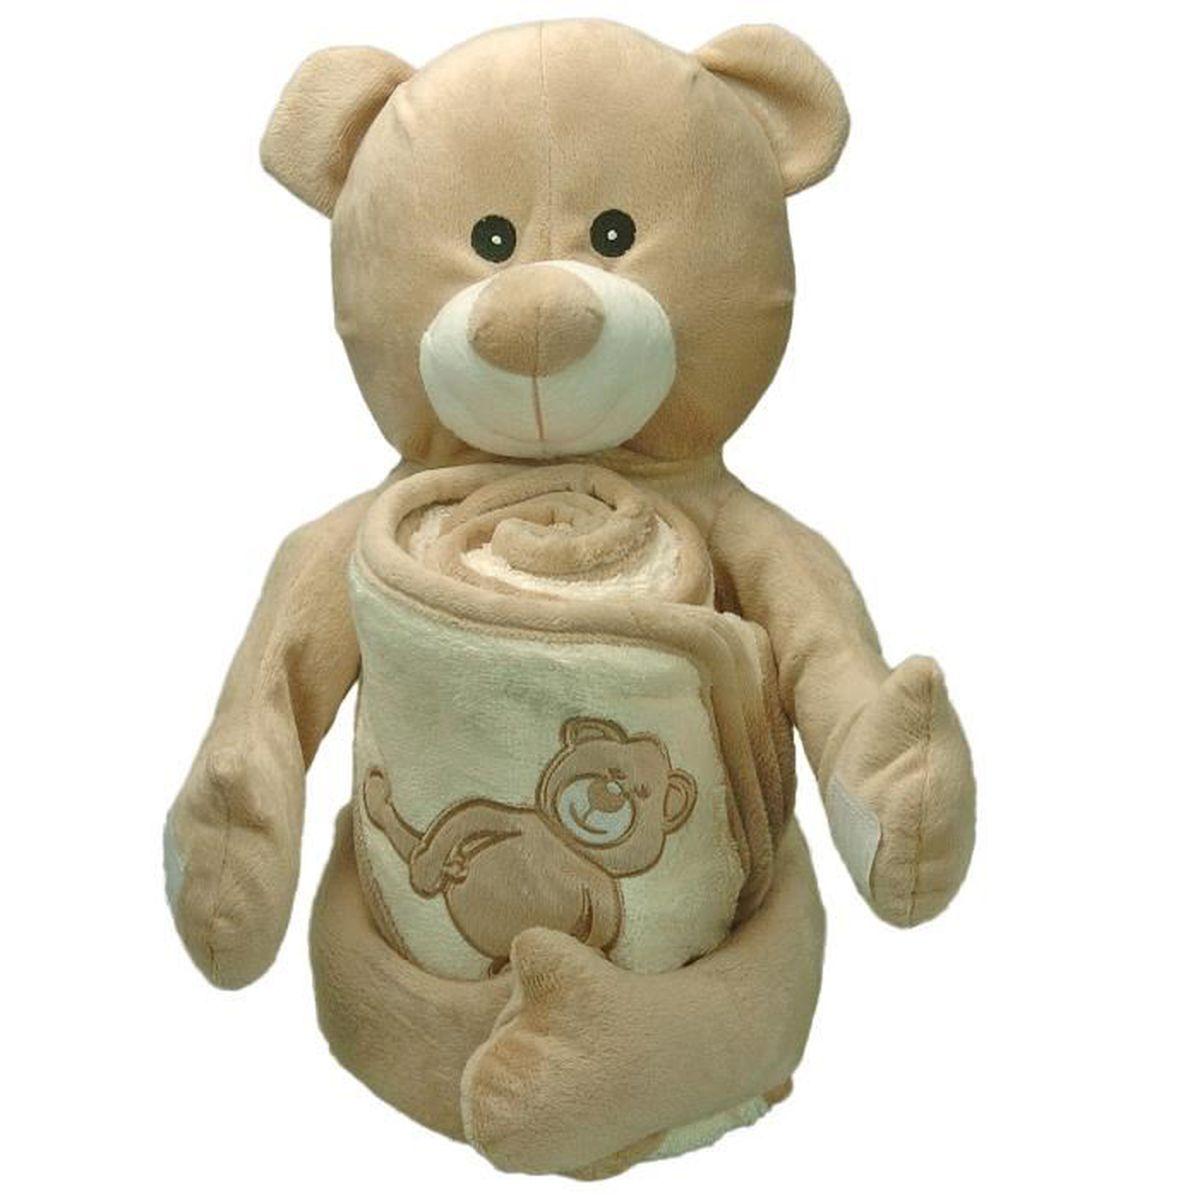 doudou cape de bain ben teddy bear sensei la maison du coton ecru taille 75 x 75 cm. Black Bedroom Furniture Sets. Home Design Ideas